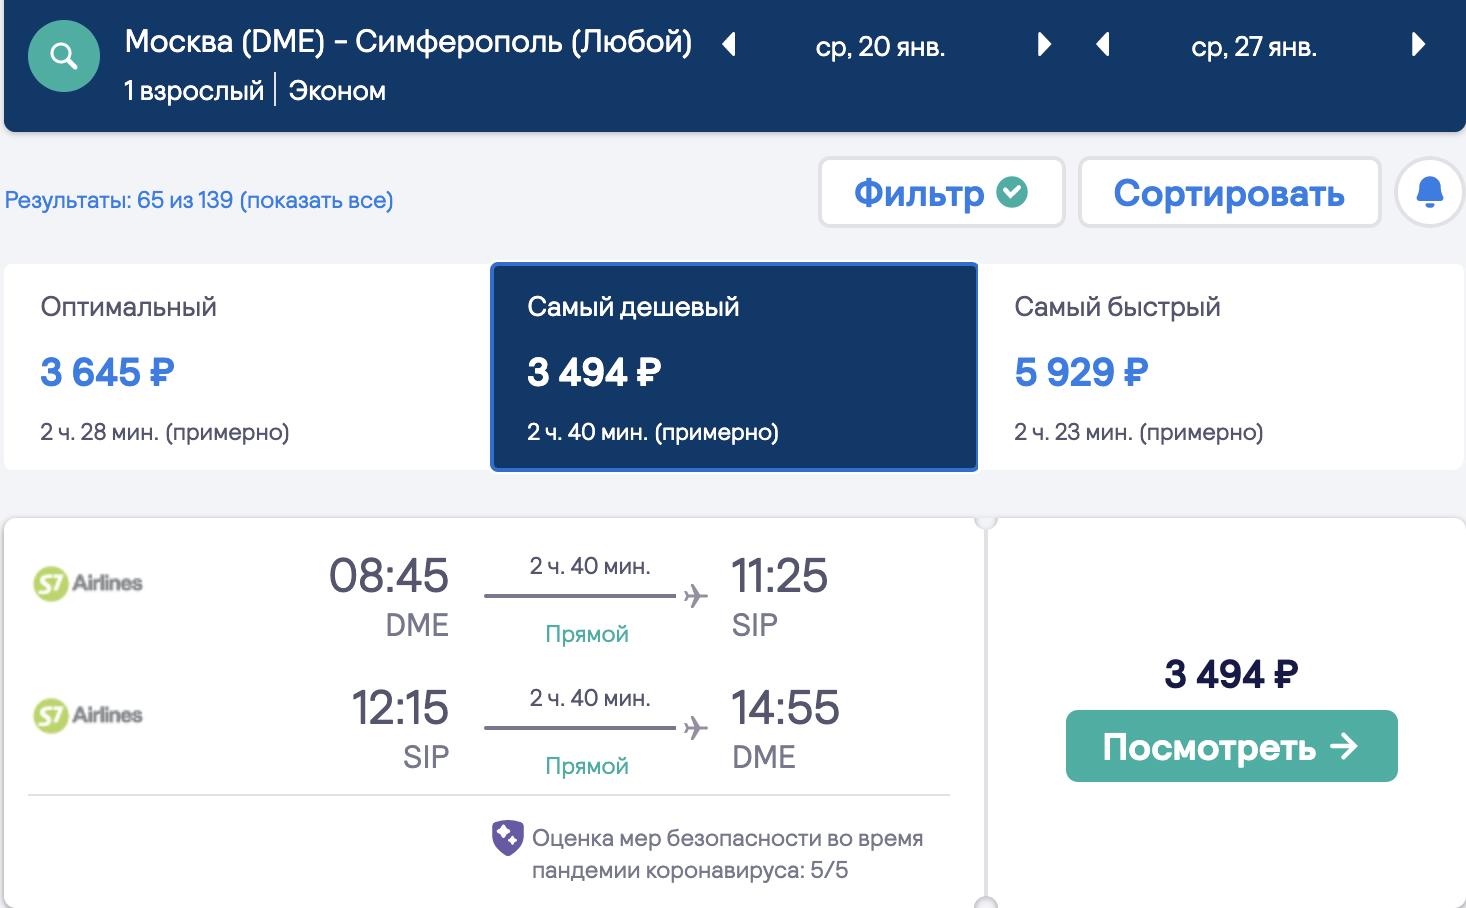 Распродажа S7: много дешевых билетов по России от 1960₽ туда-обратно (в Турцию тоже есть)